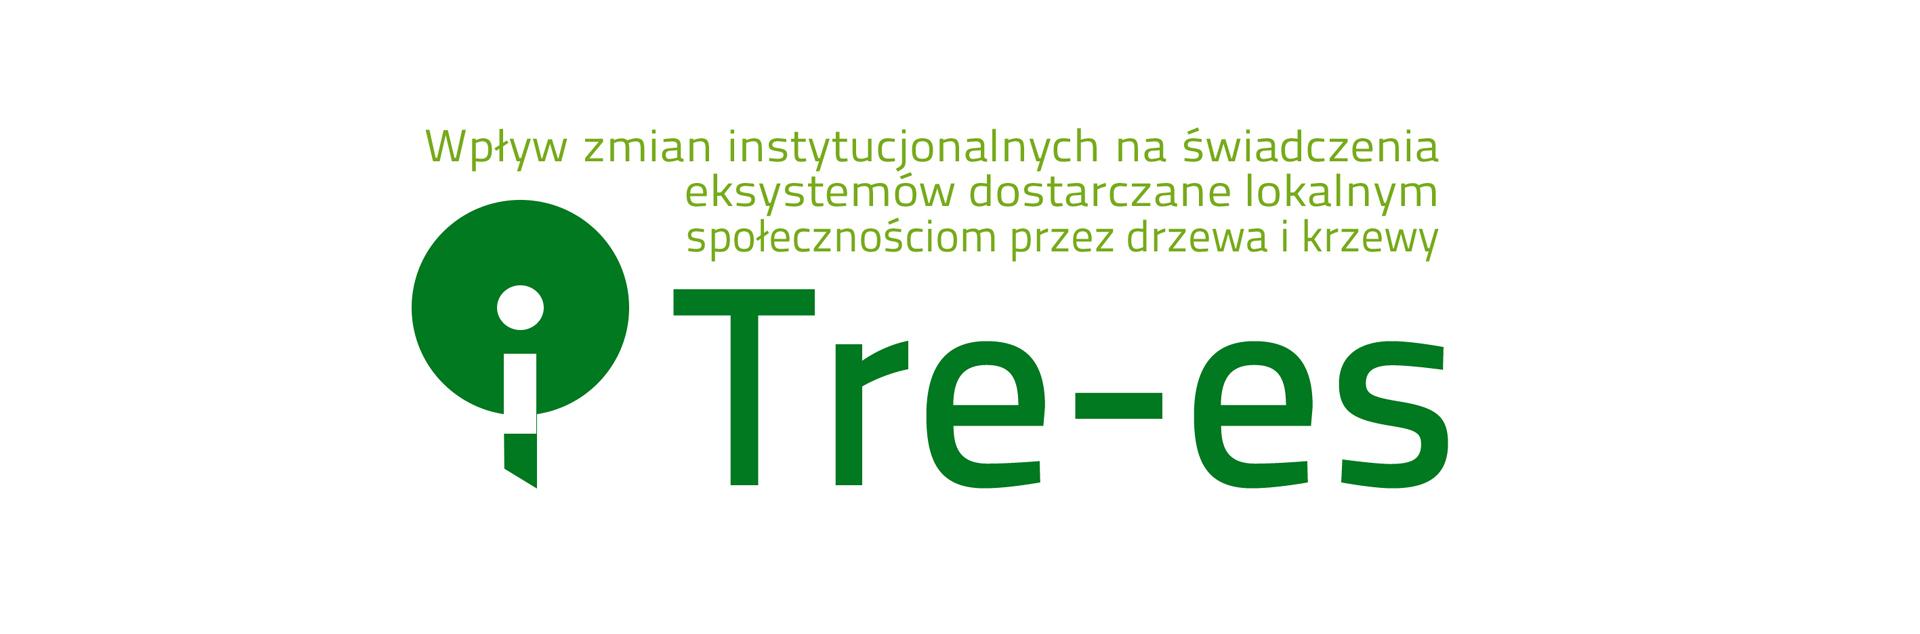 Dyskusja – wycinać drzewa czy nie?